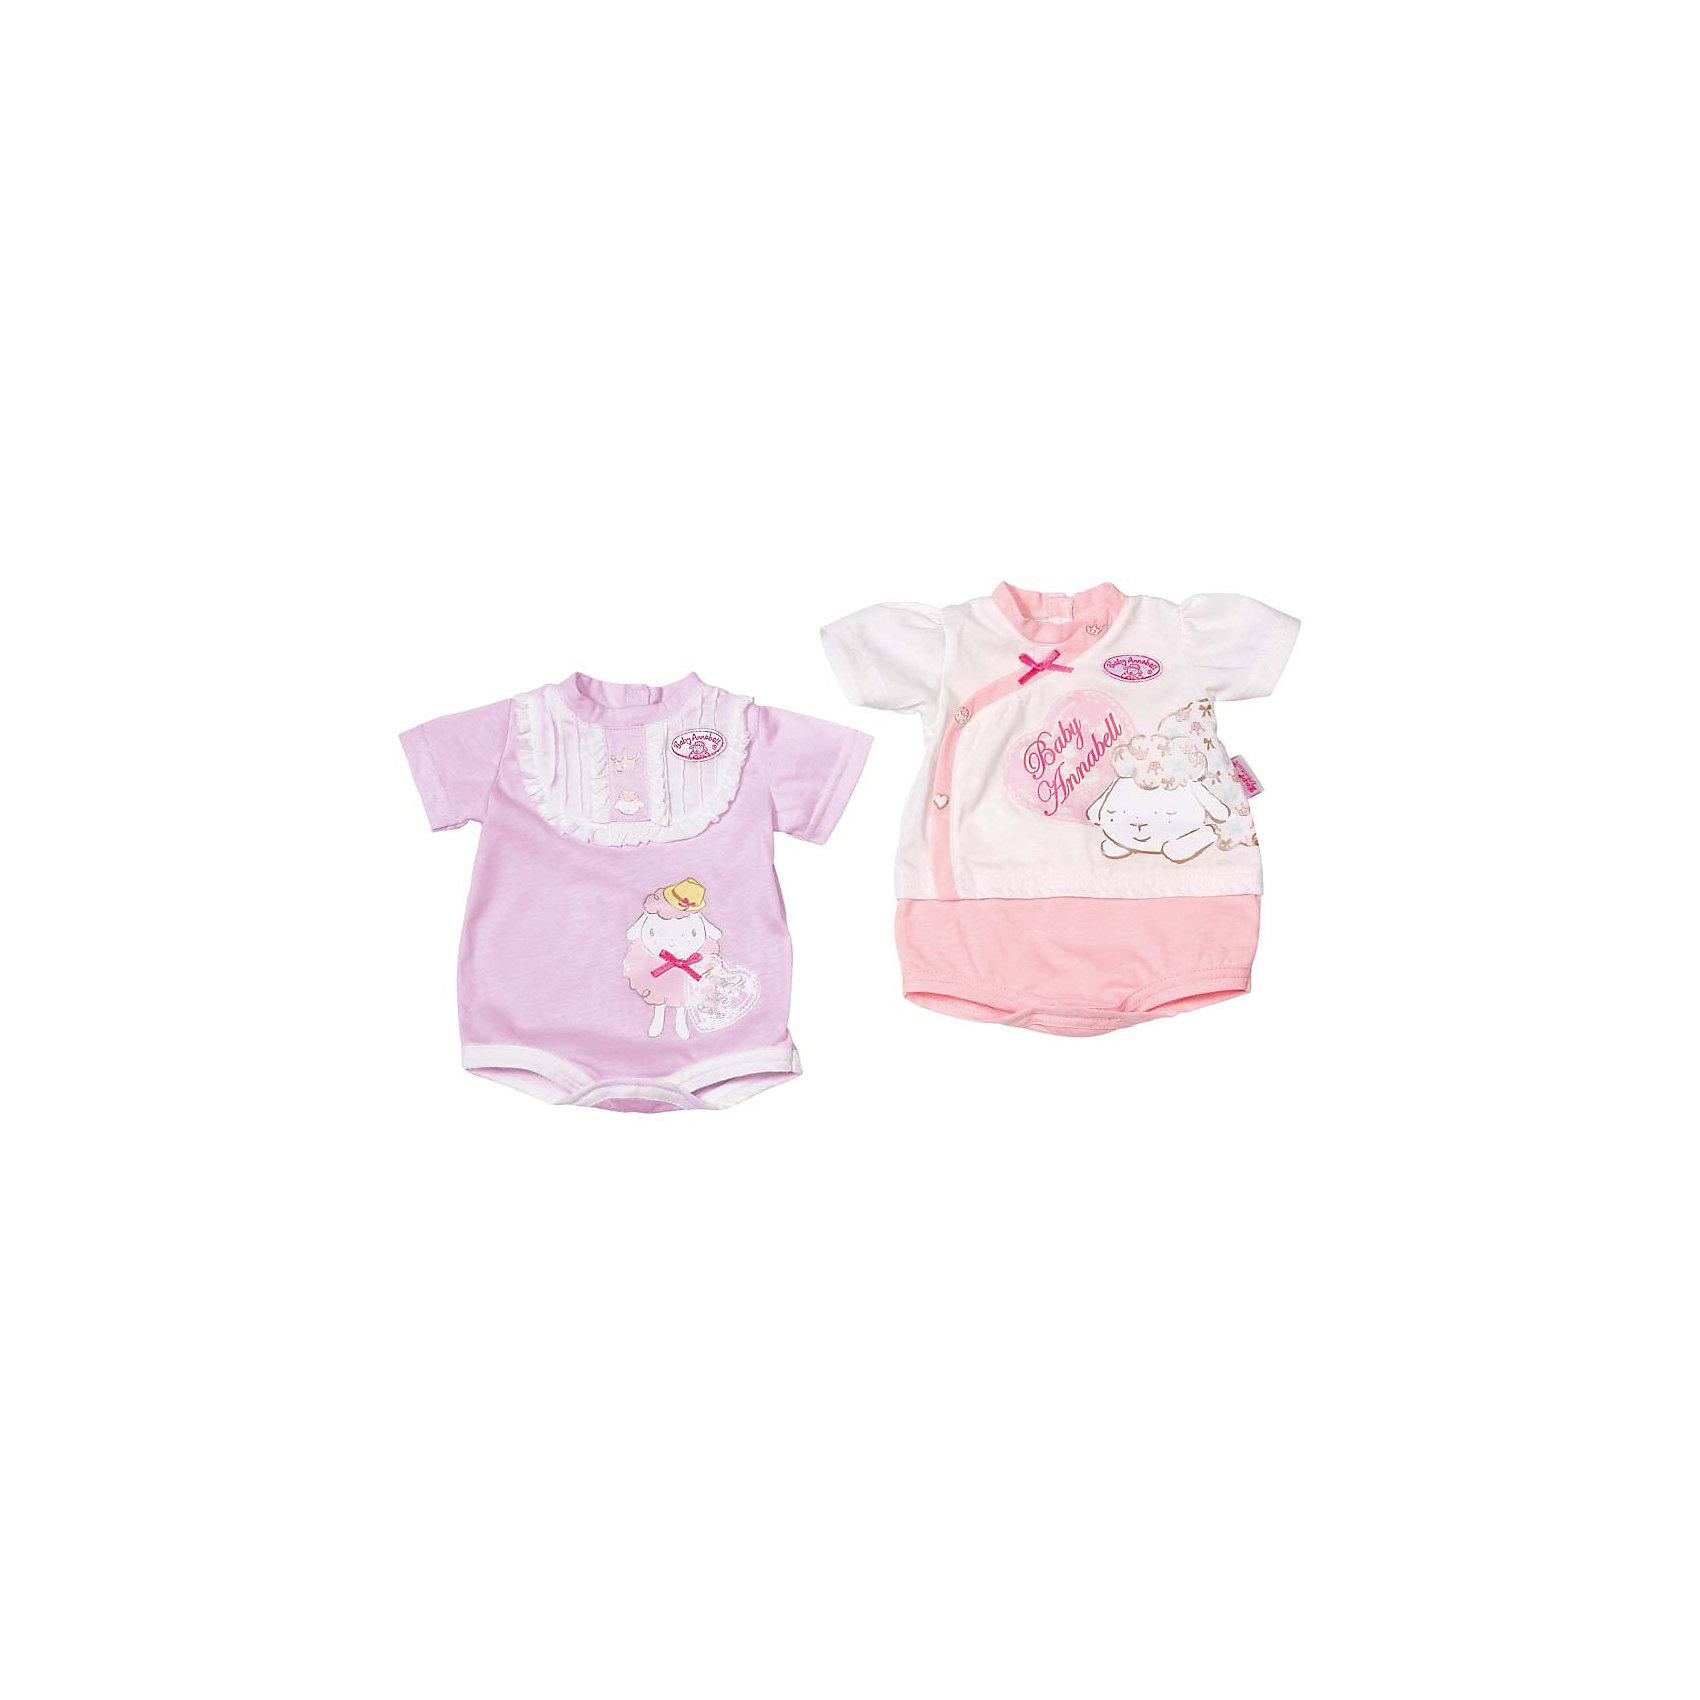 Zapf Creation Нижнее белье, розовый, Baby Annabell нижнее белье jolidon оптом купить